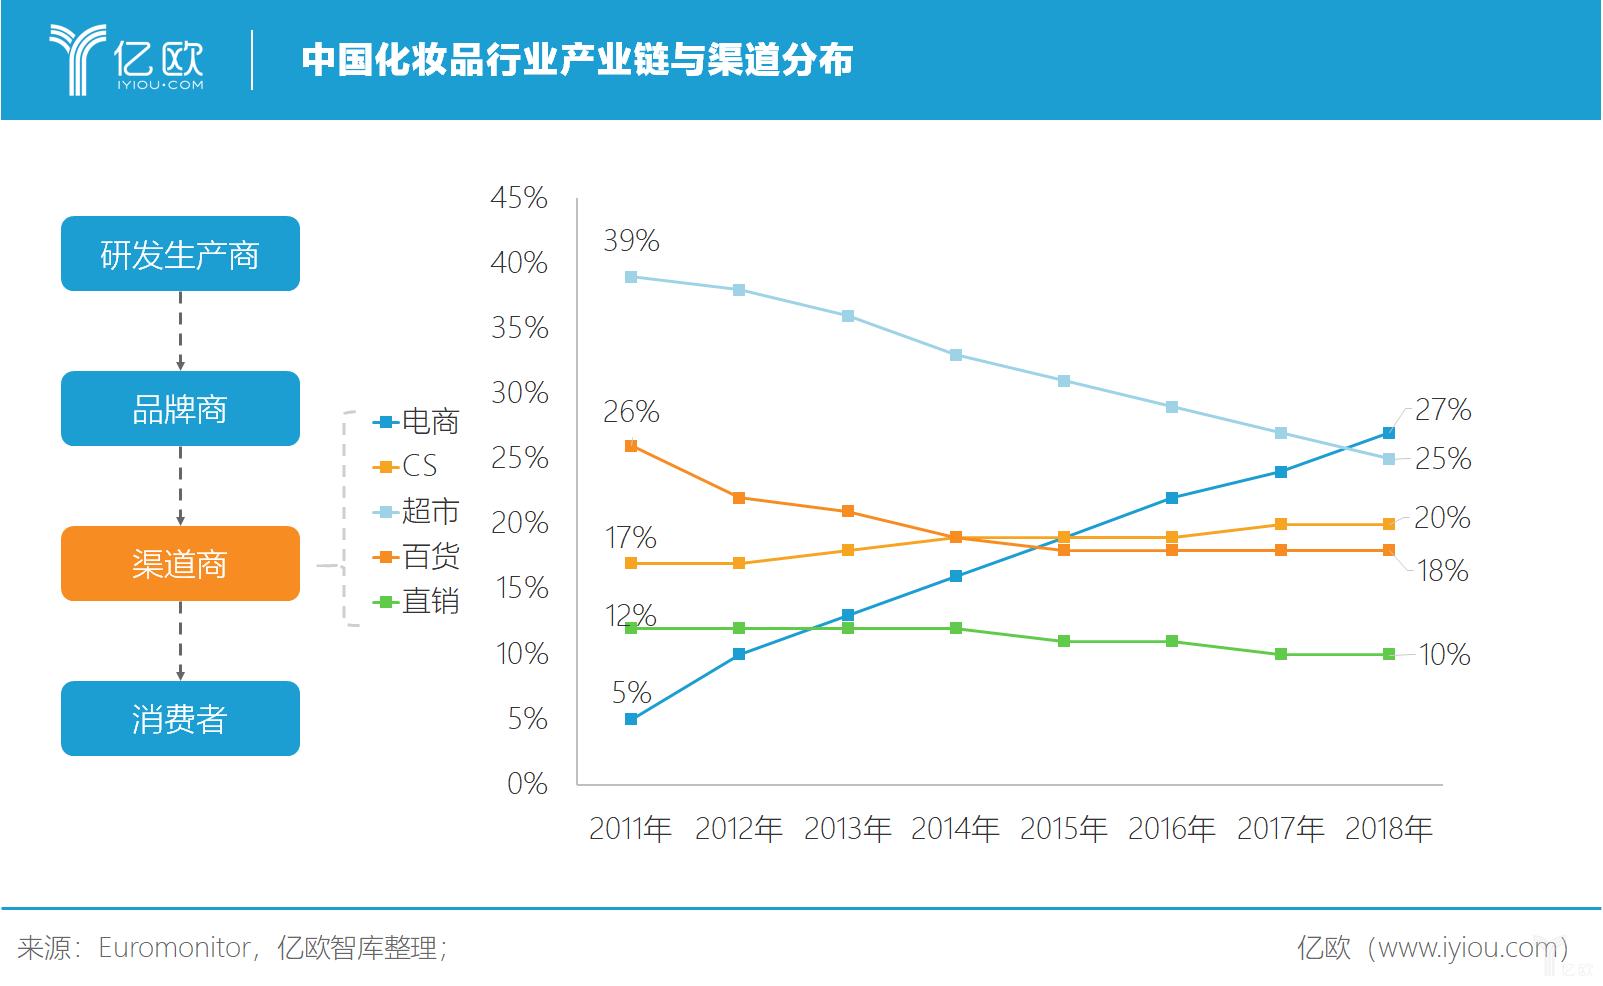 亿欧智库:中国化妆品行业产业链与渠道分布